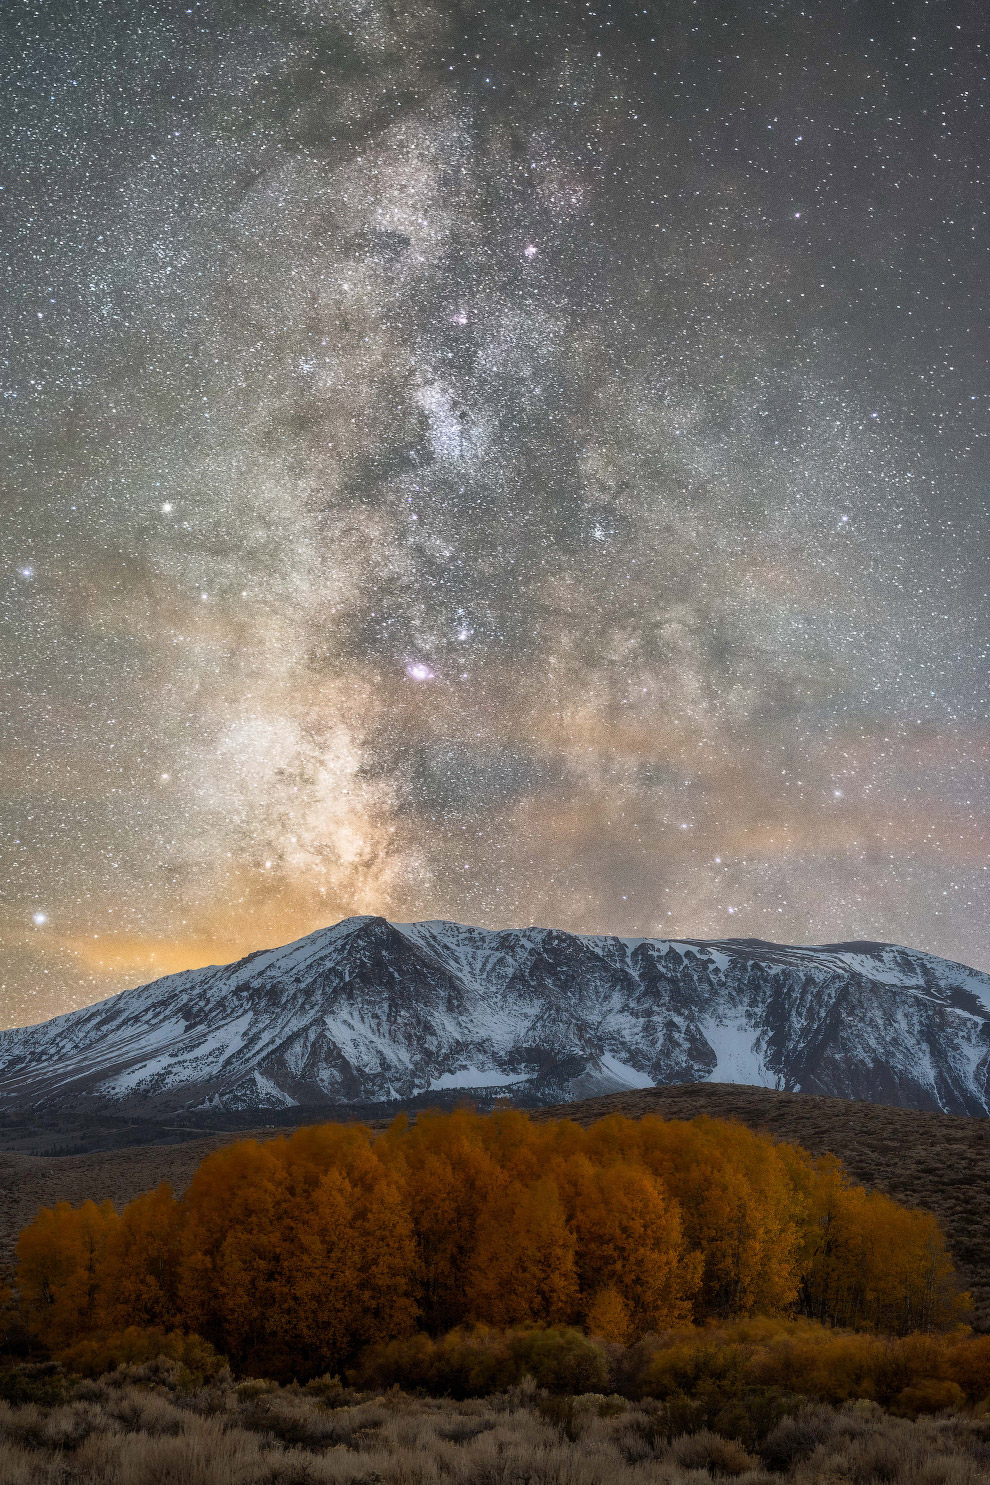 Млечный путь в Восточных Сьеррах в Калифорнии